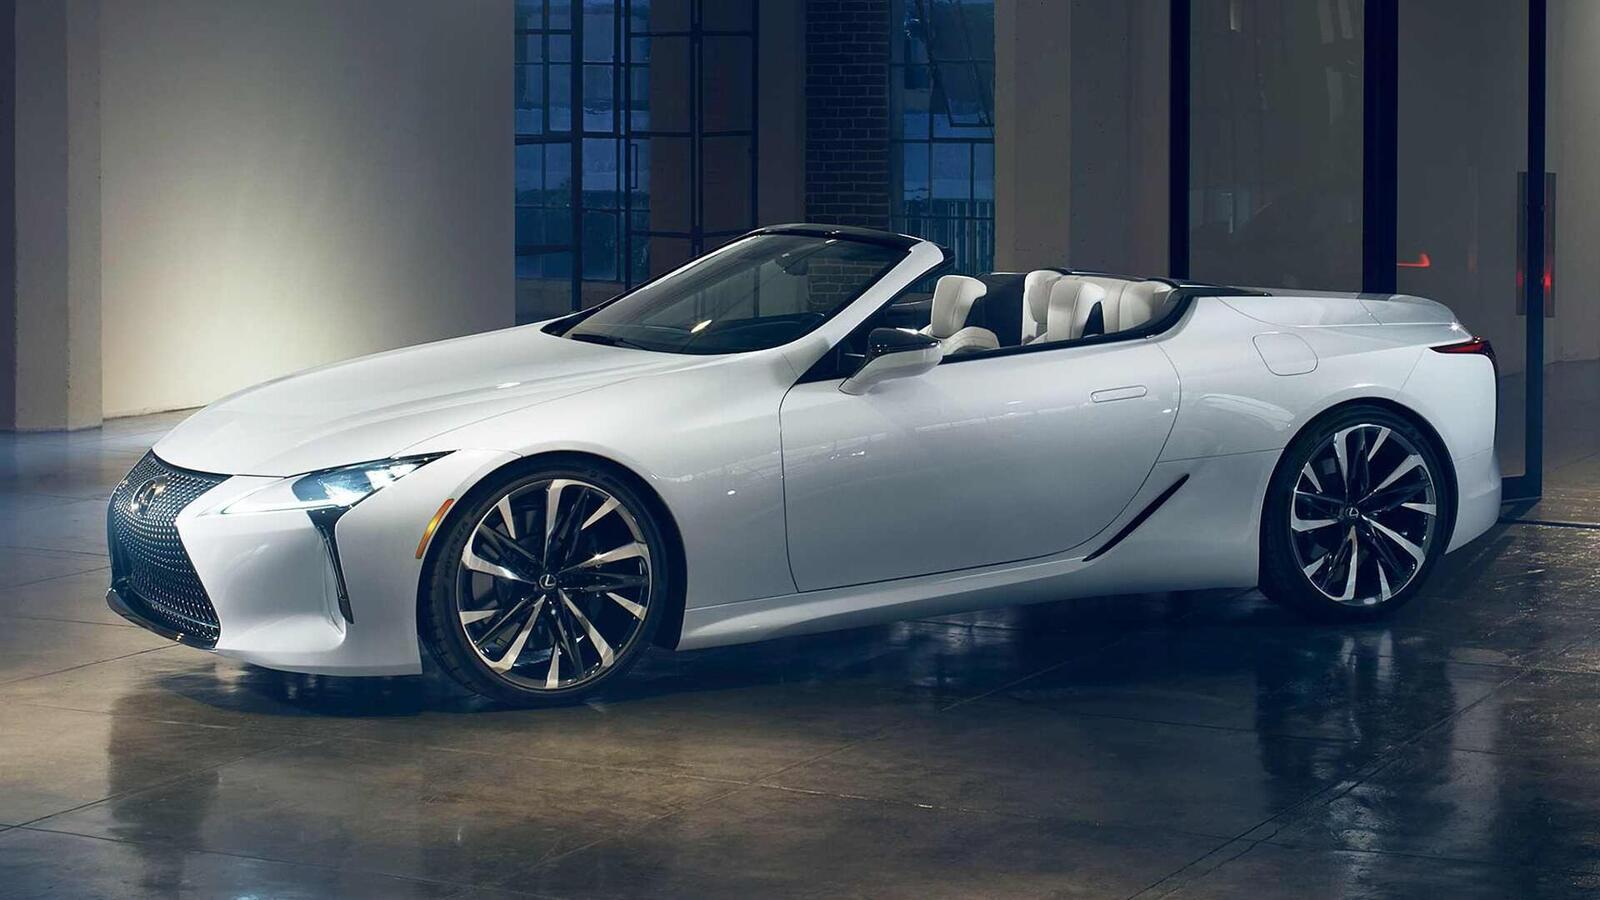 Lexus LC Convertible Concept 2020 sắp ra mắt tại Triển Lãm ô tô Quốc Tế Bắc Mỹ 2019 - Hình 4